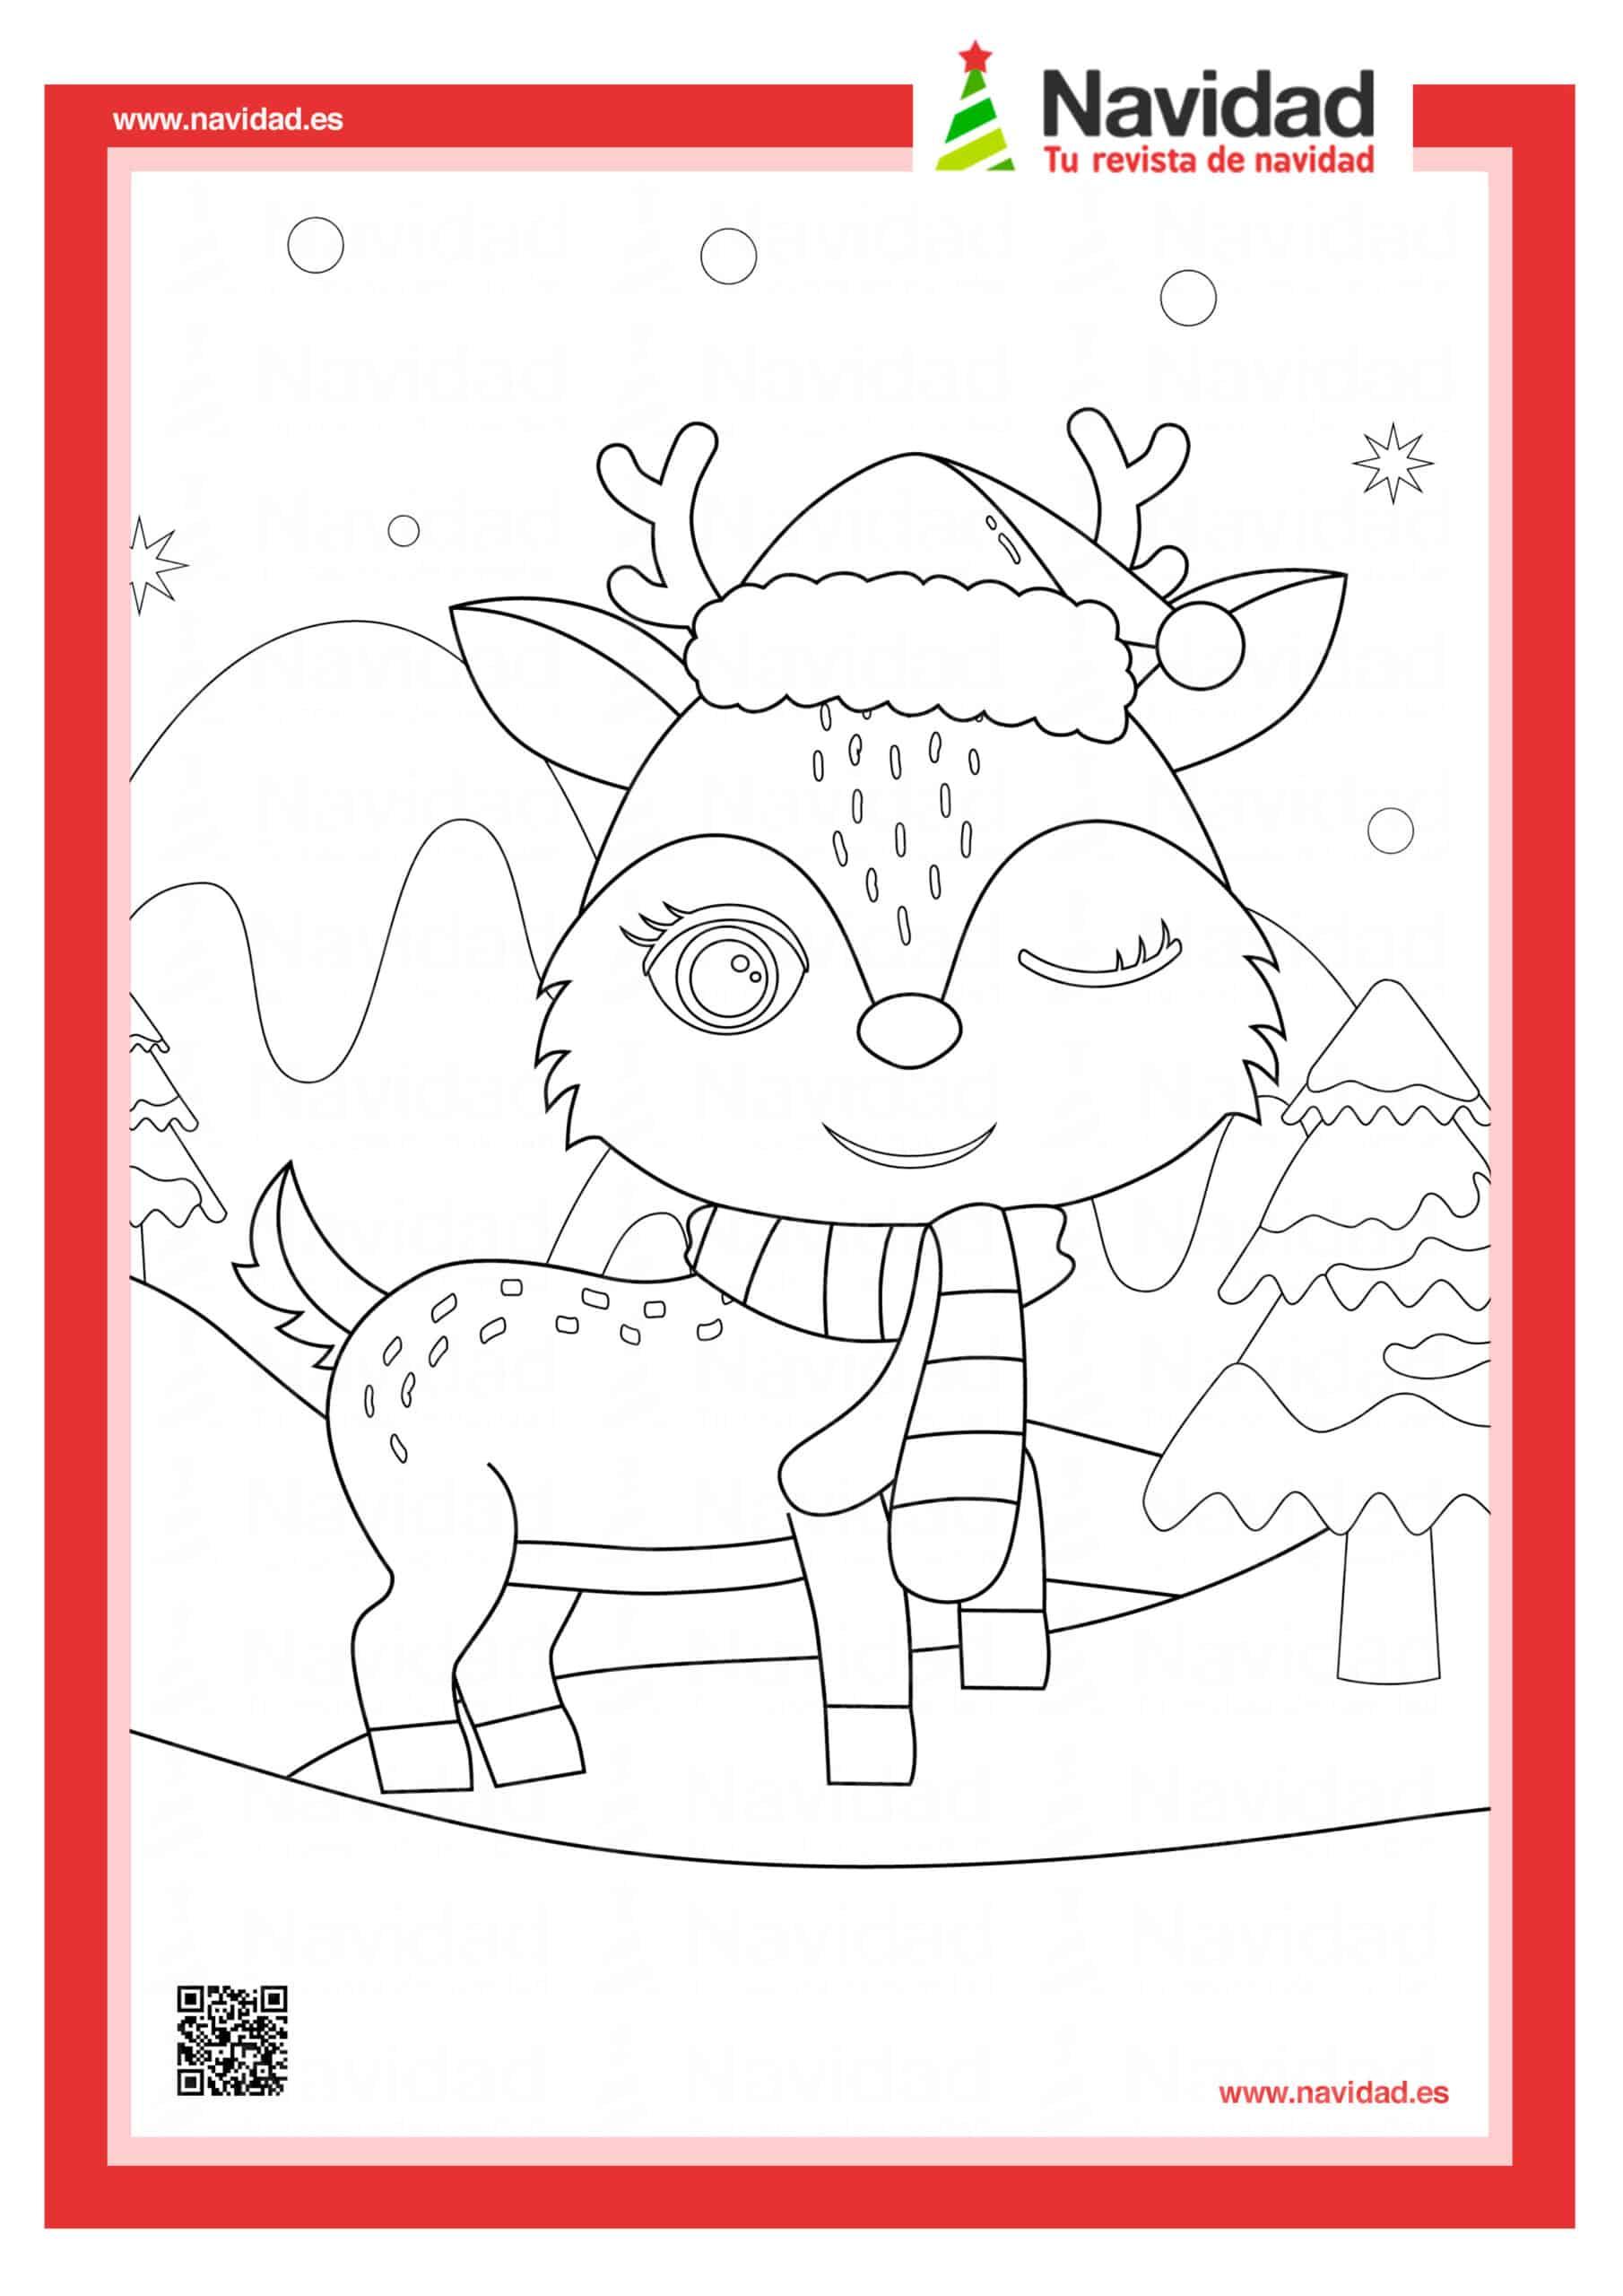 10 dibujos de Papá Noel para colorear con los más pequeños de la casa 5